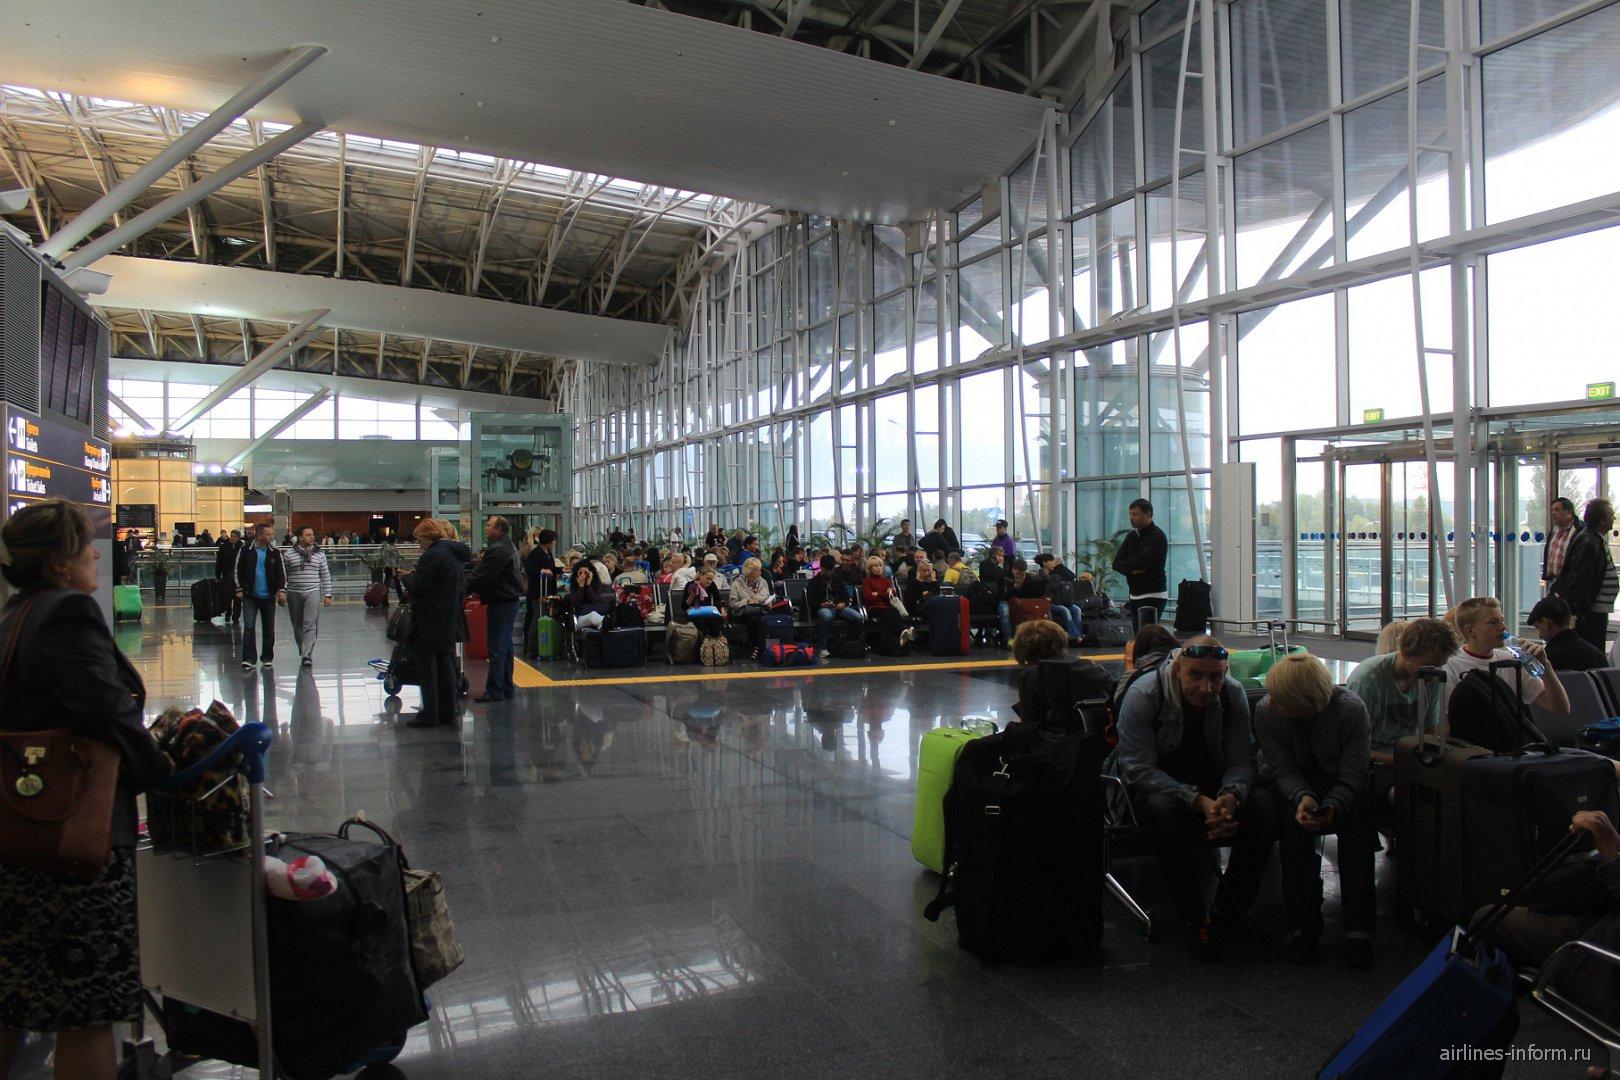 Зал ожидания в Терминале D аэропорта Борисполь